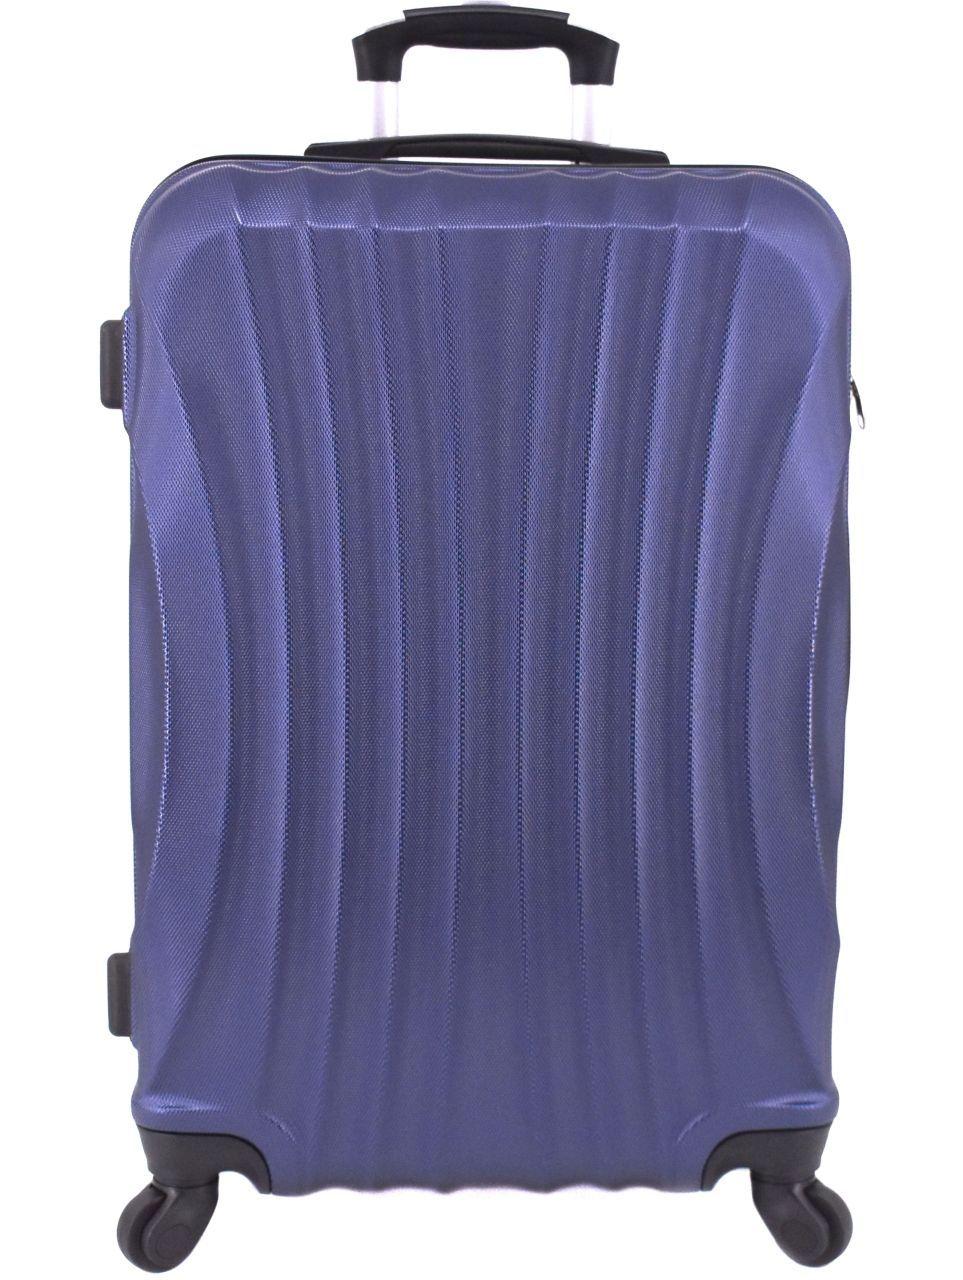 Cestovní skořepina kufr na čtyřech kolečkách Arteddy - (M) 60l tmavě modrá 6020 (M)